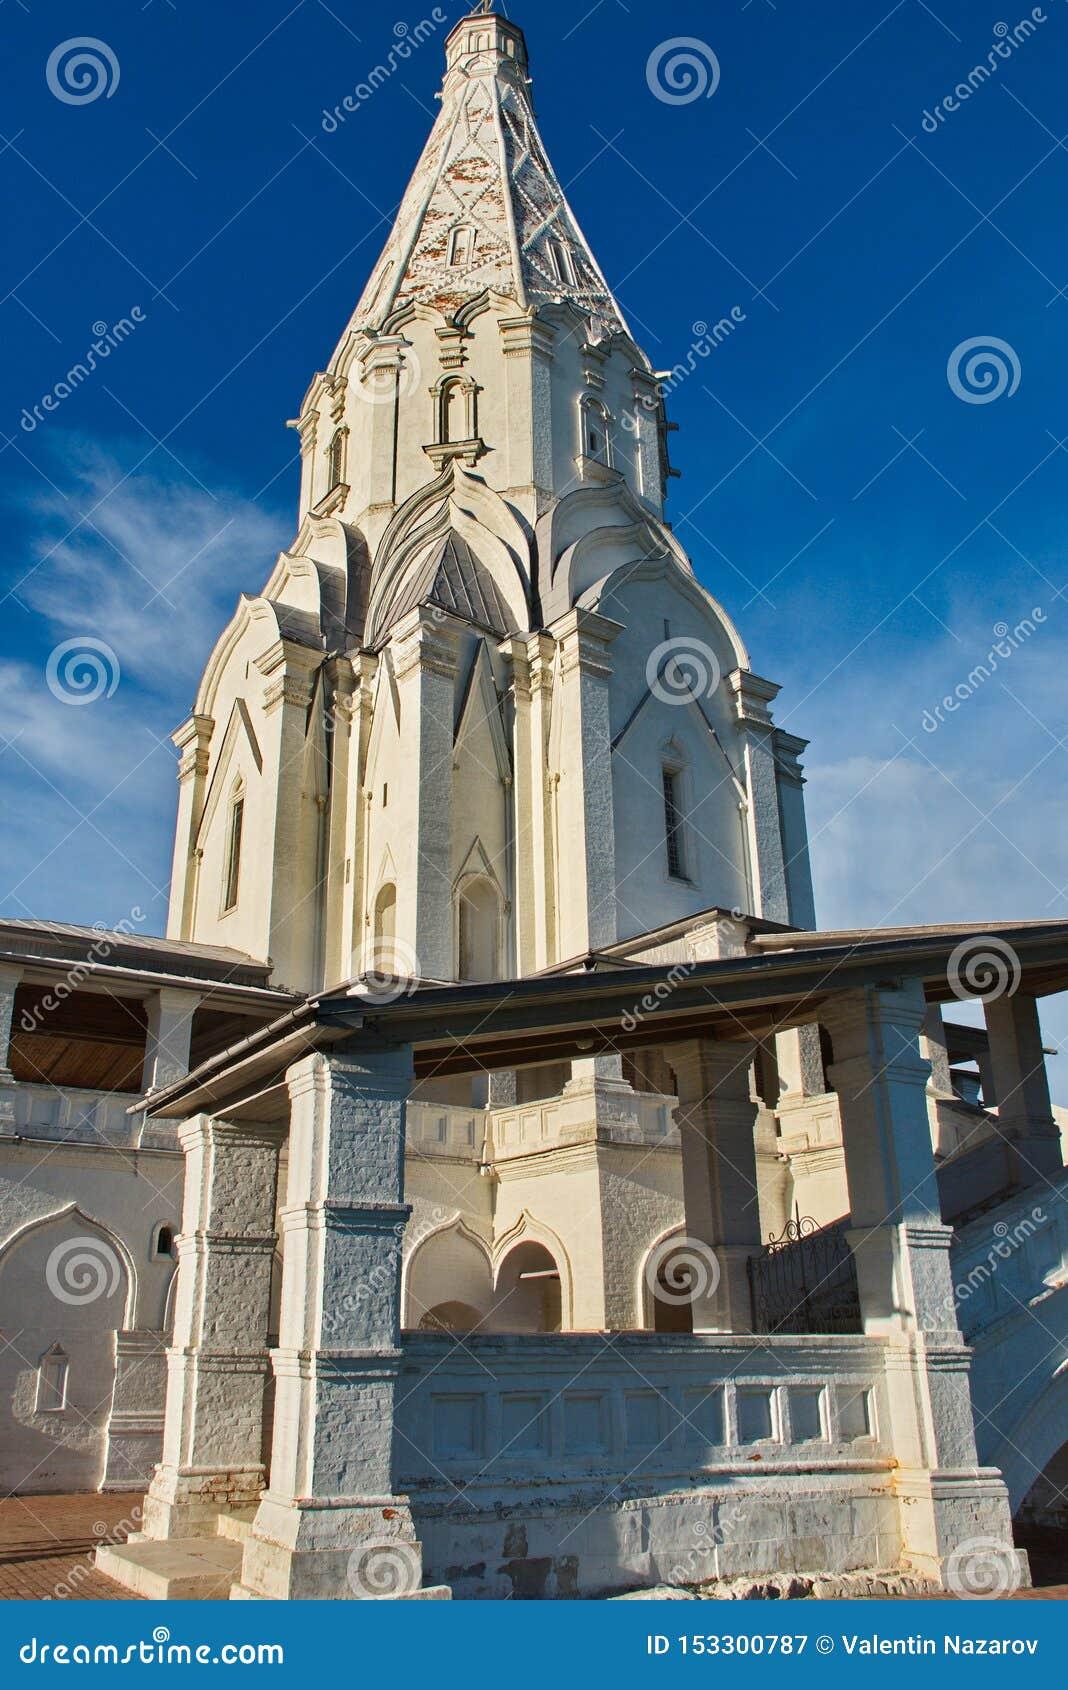 Architecture merveilleuse et beauté naturelle dans la réservation Kolomenskoye de musée à Moscou